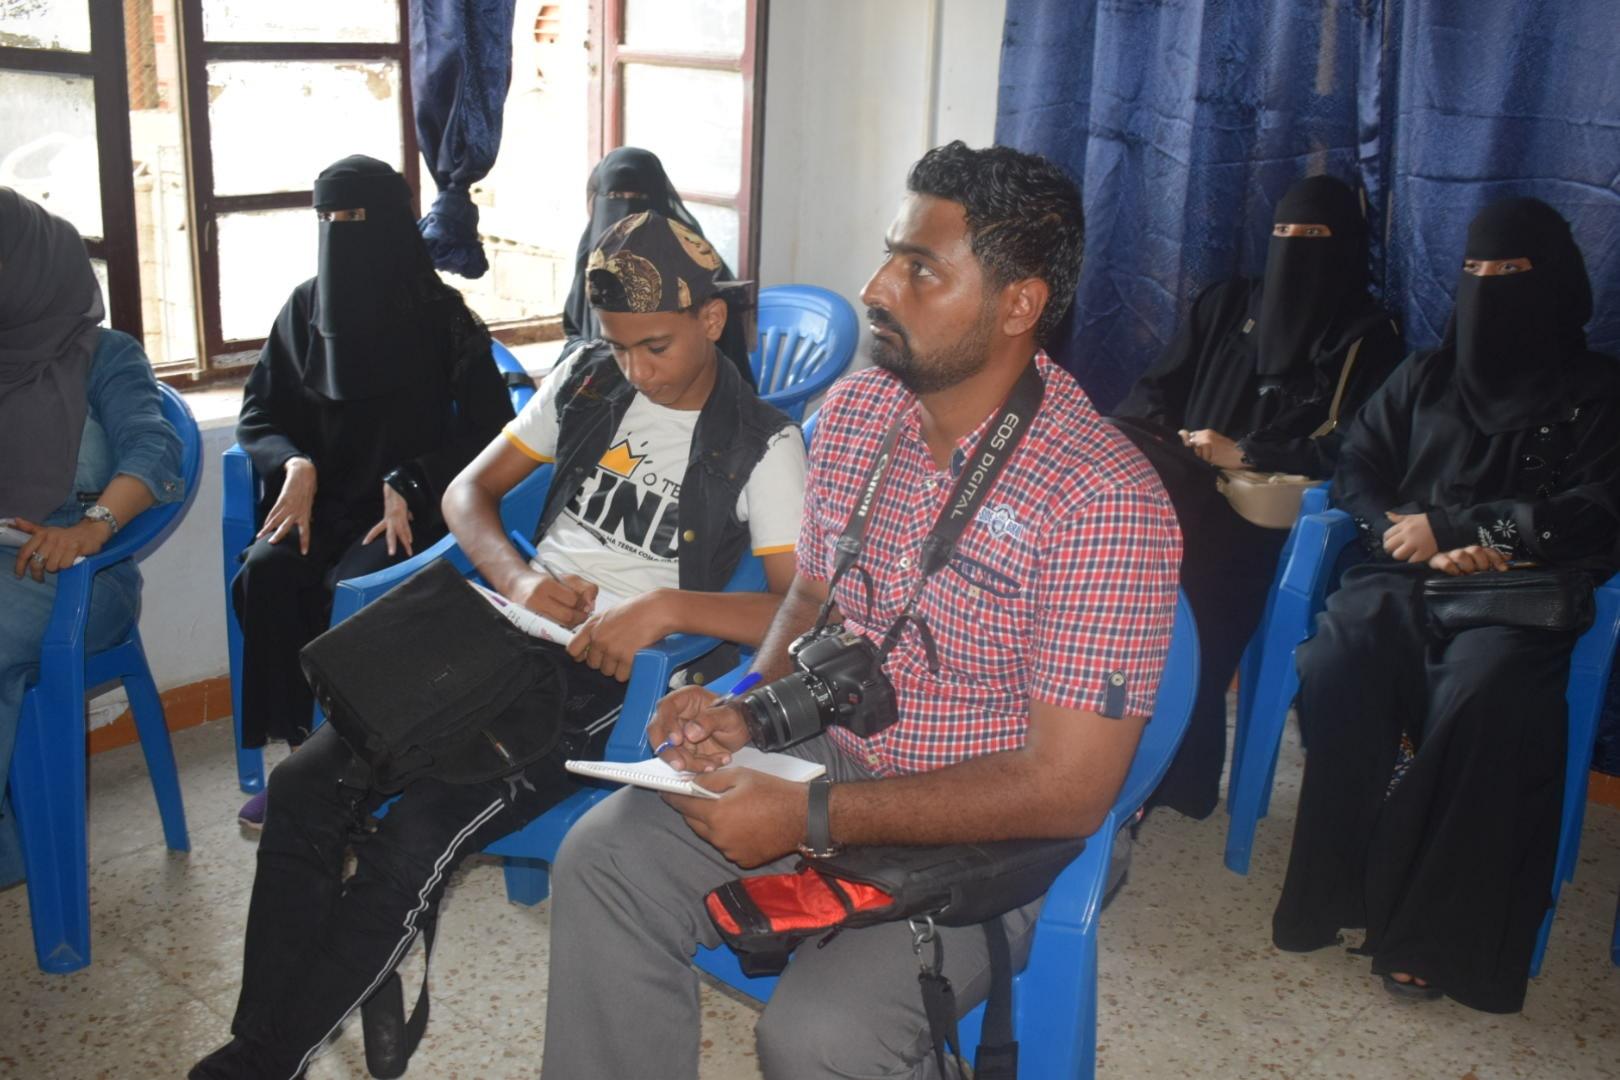 اتحاد المصورين العرب في اليمن ينظم دورة المصورين المبتدئين بعدن